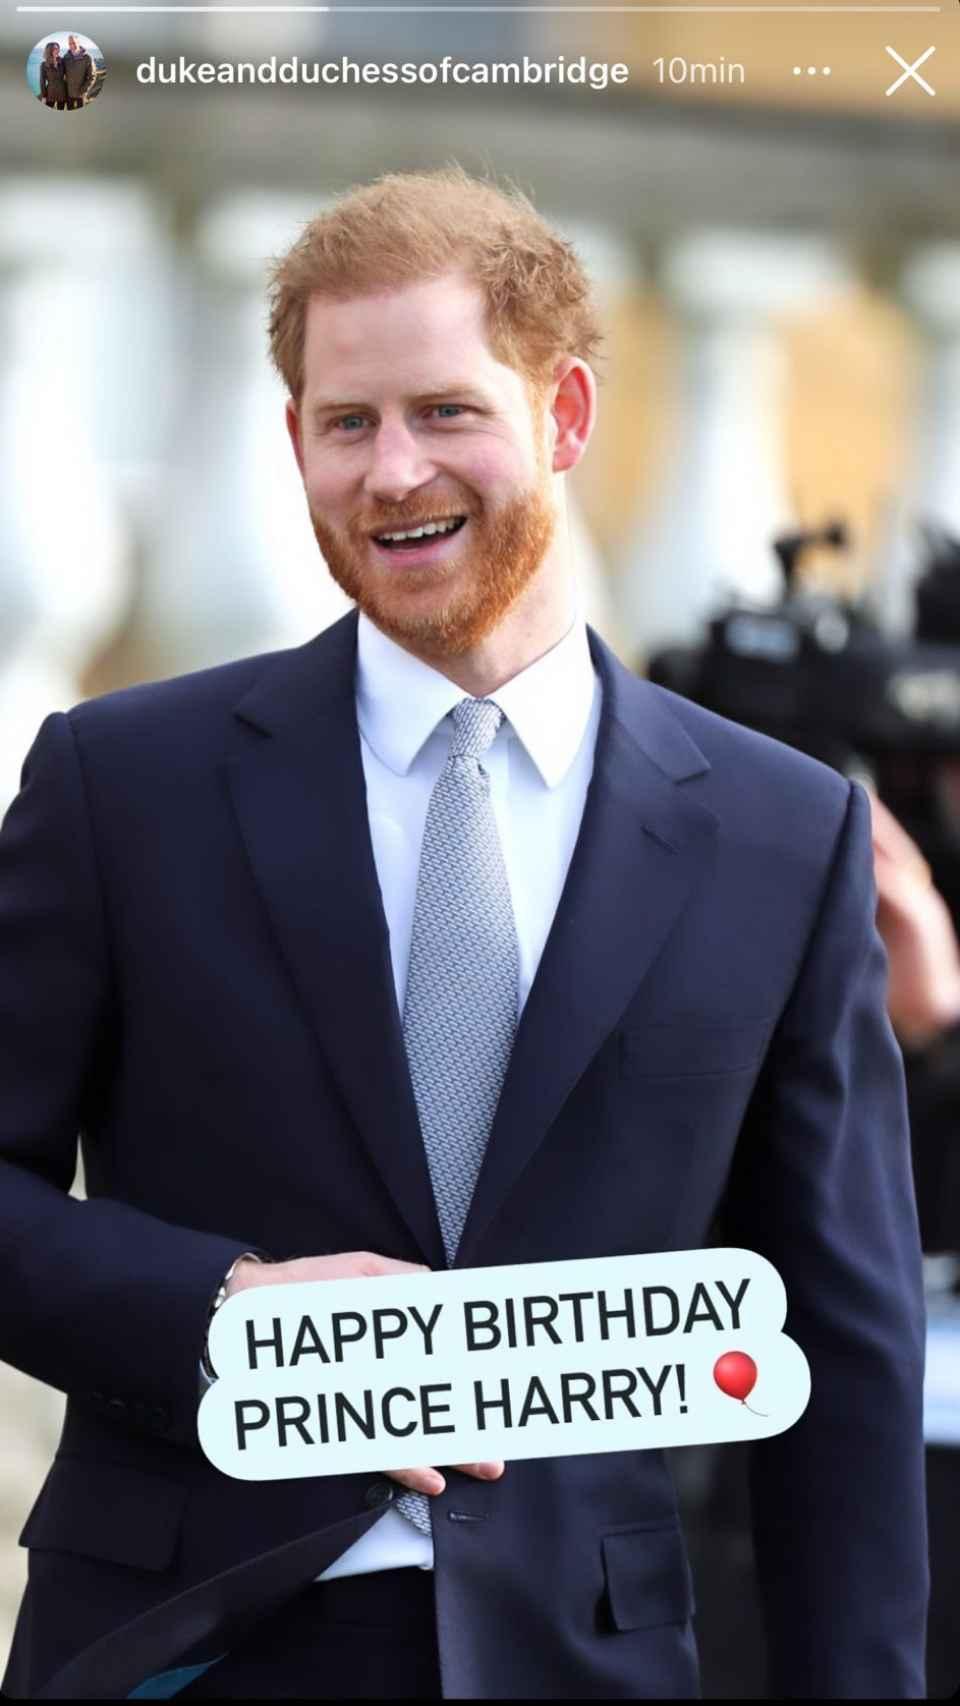 Les félicitations des ducs de Sussex au prince Harry.